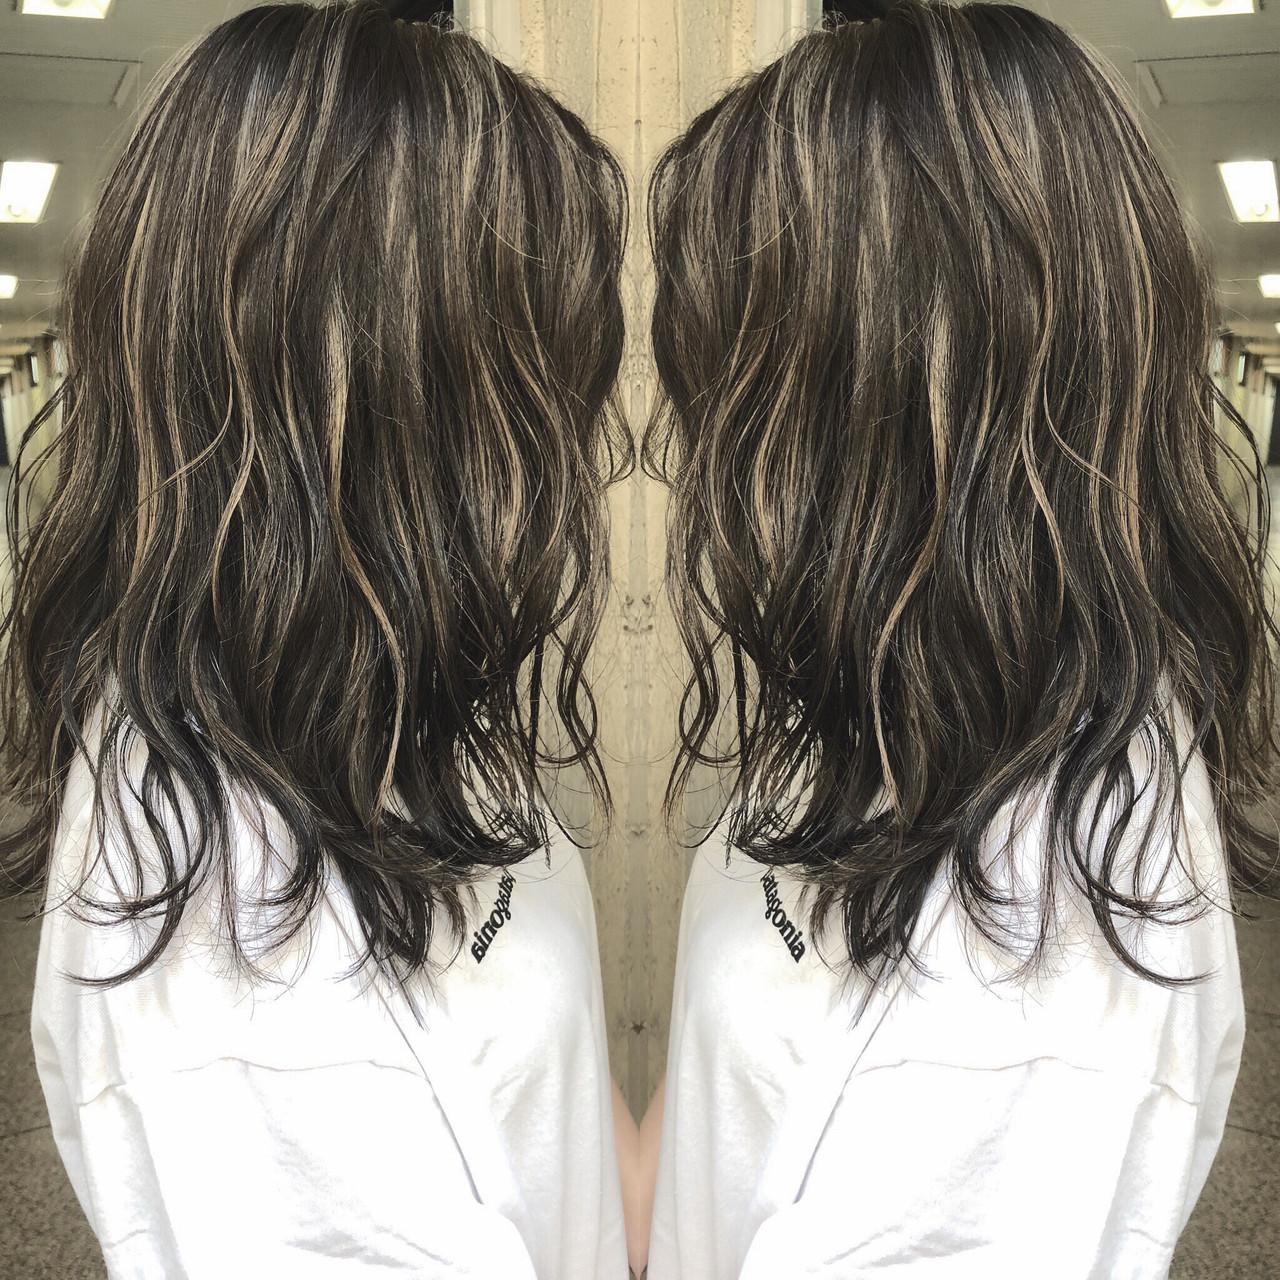 グラデーションカラー セミロング 外国人風 外国人風カラー ヘアスタイルや髪型の写真・画像